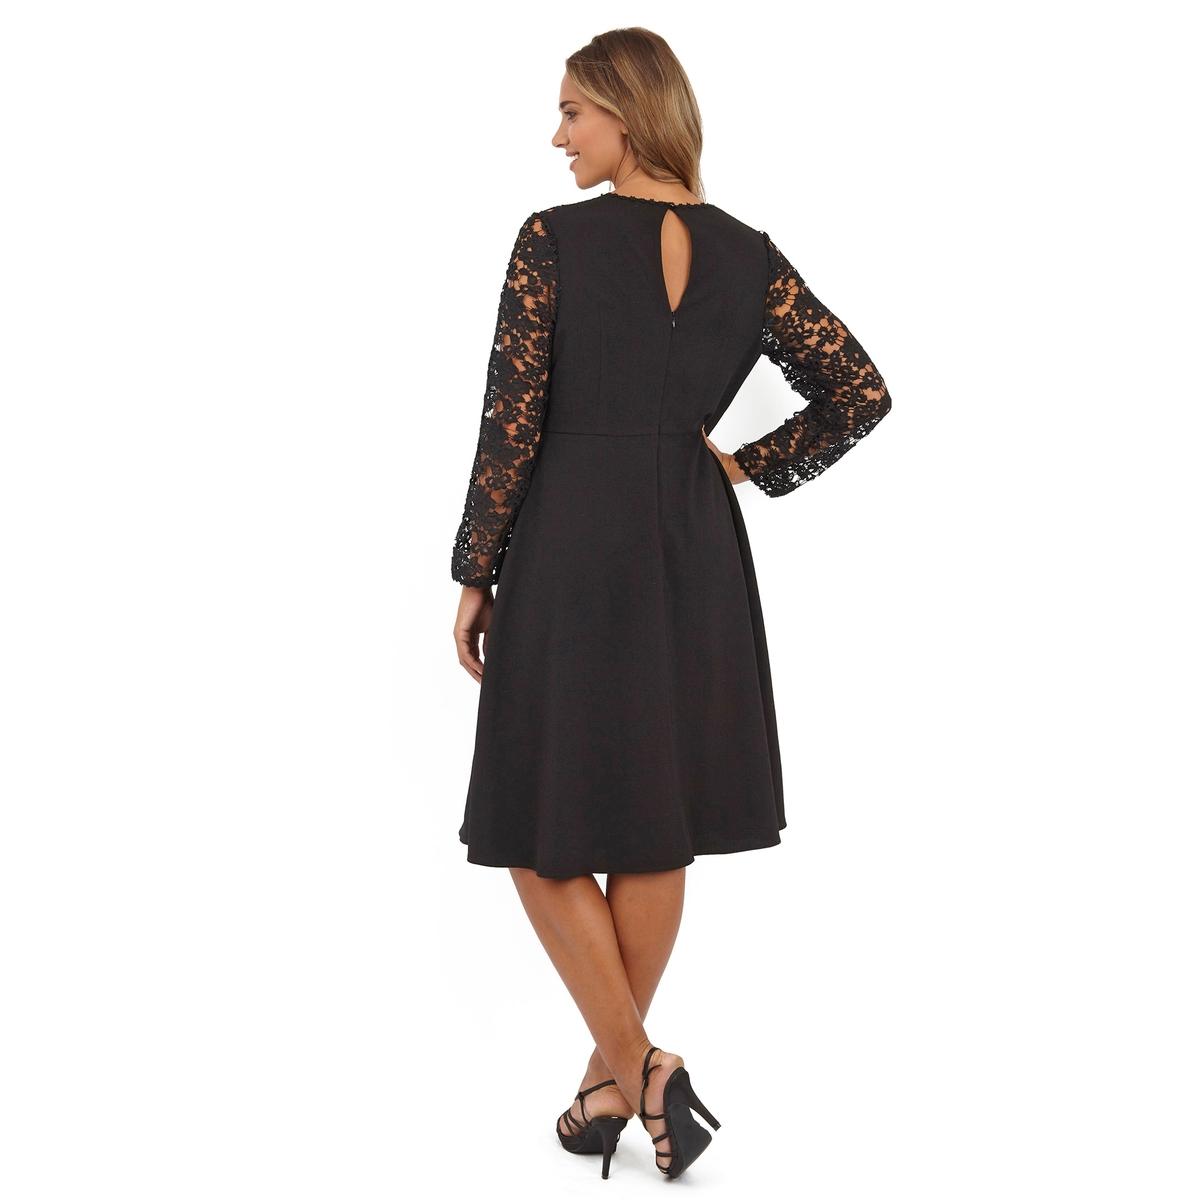 ПлатьеПлатье с длинными рукавами - LOVEDROBE. 100% полиэстер. Симпатичное кружево в верхней части и на рукавах. Длина ок.104 см<br><br>Цвет: черный<br>Размер: 44 (FR) - 50 (RUS)